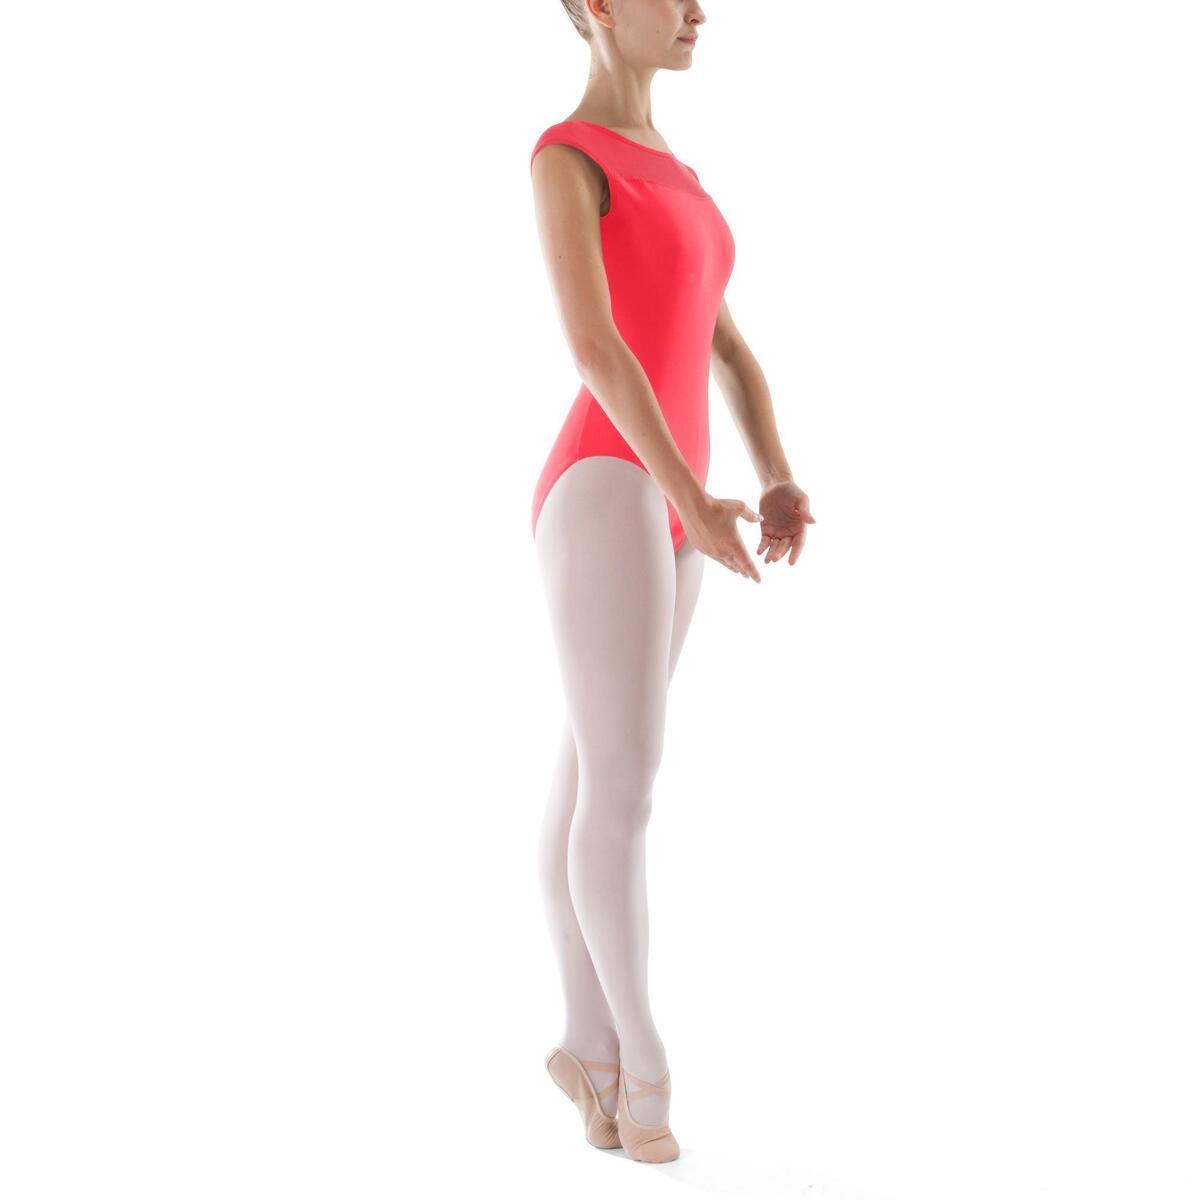 Bild 3 von Tanzbody Ballett Kurzarm Damen koralle